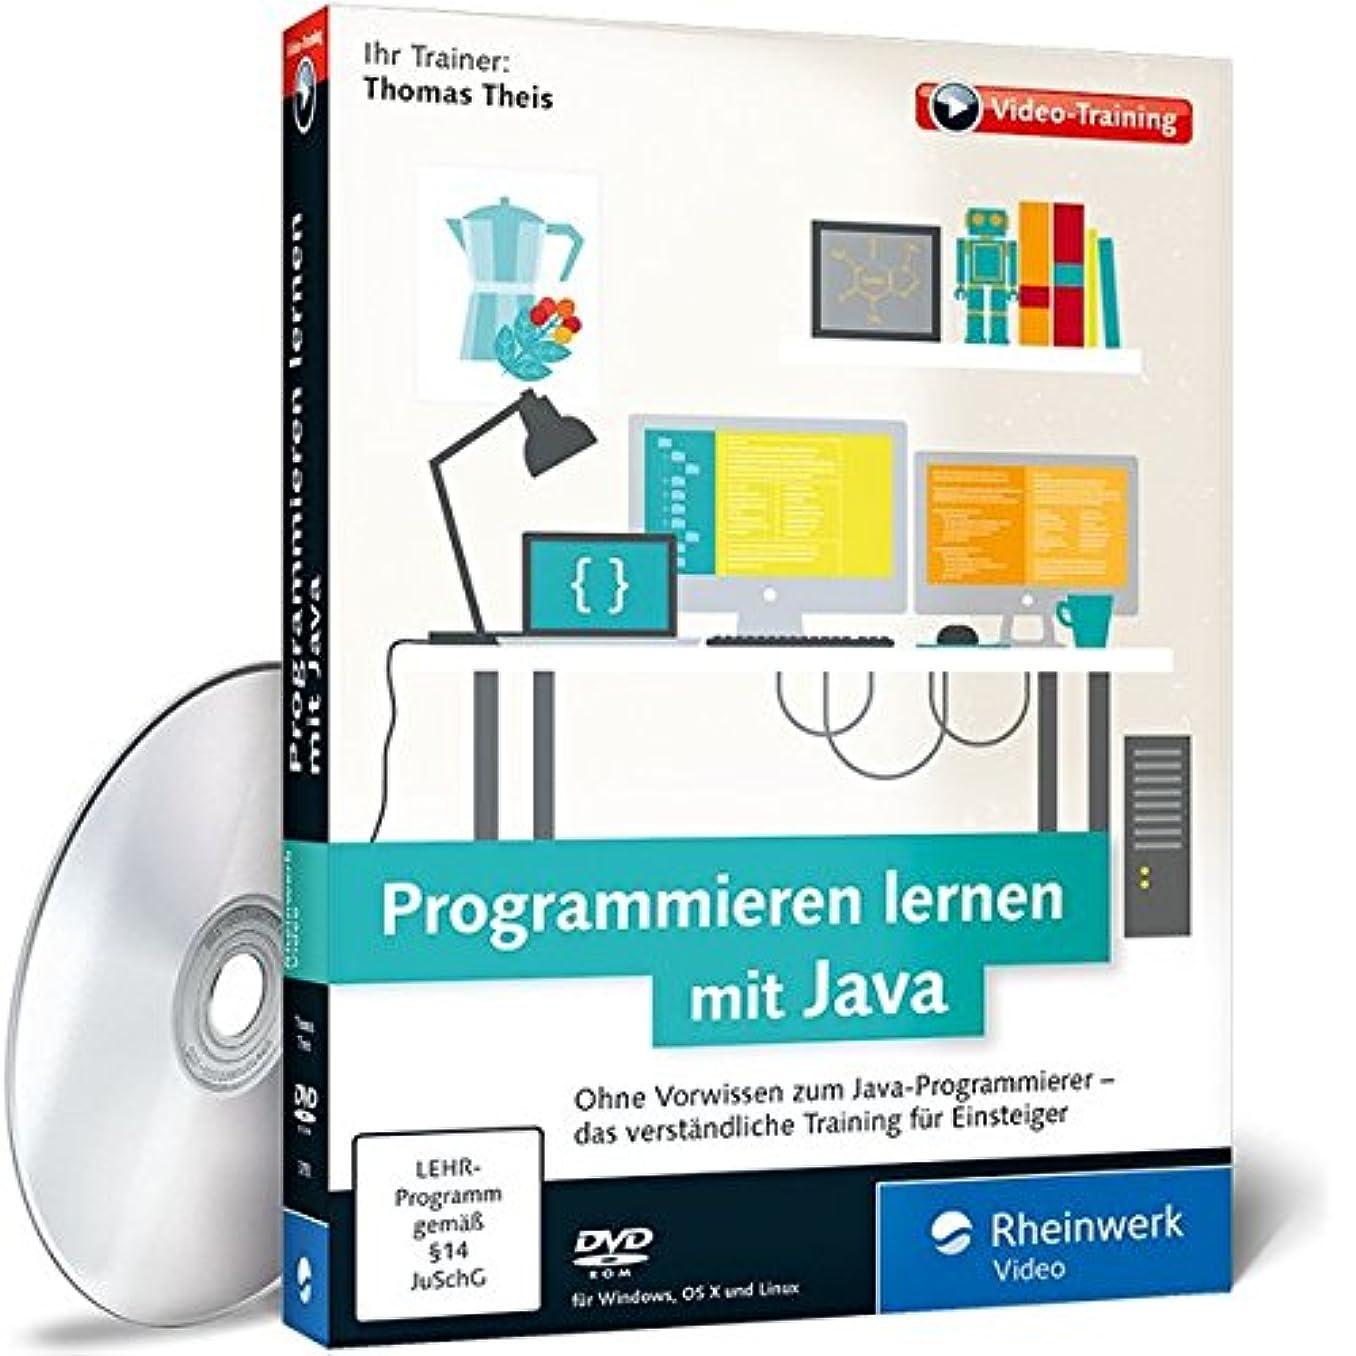 フィードバックくしゃみ危険なProgrammieren lernen mit Java: Das verstaendliche Video-Training fuer Einsteiger